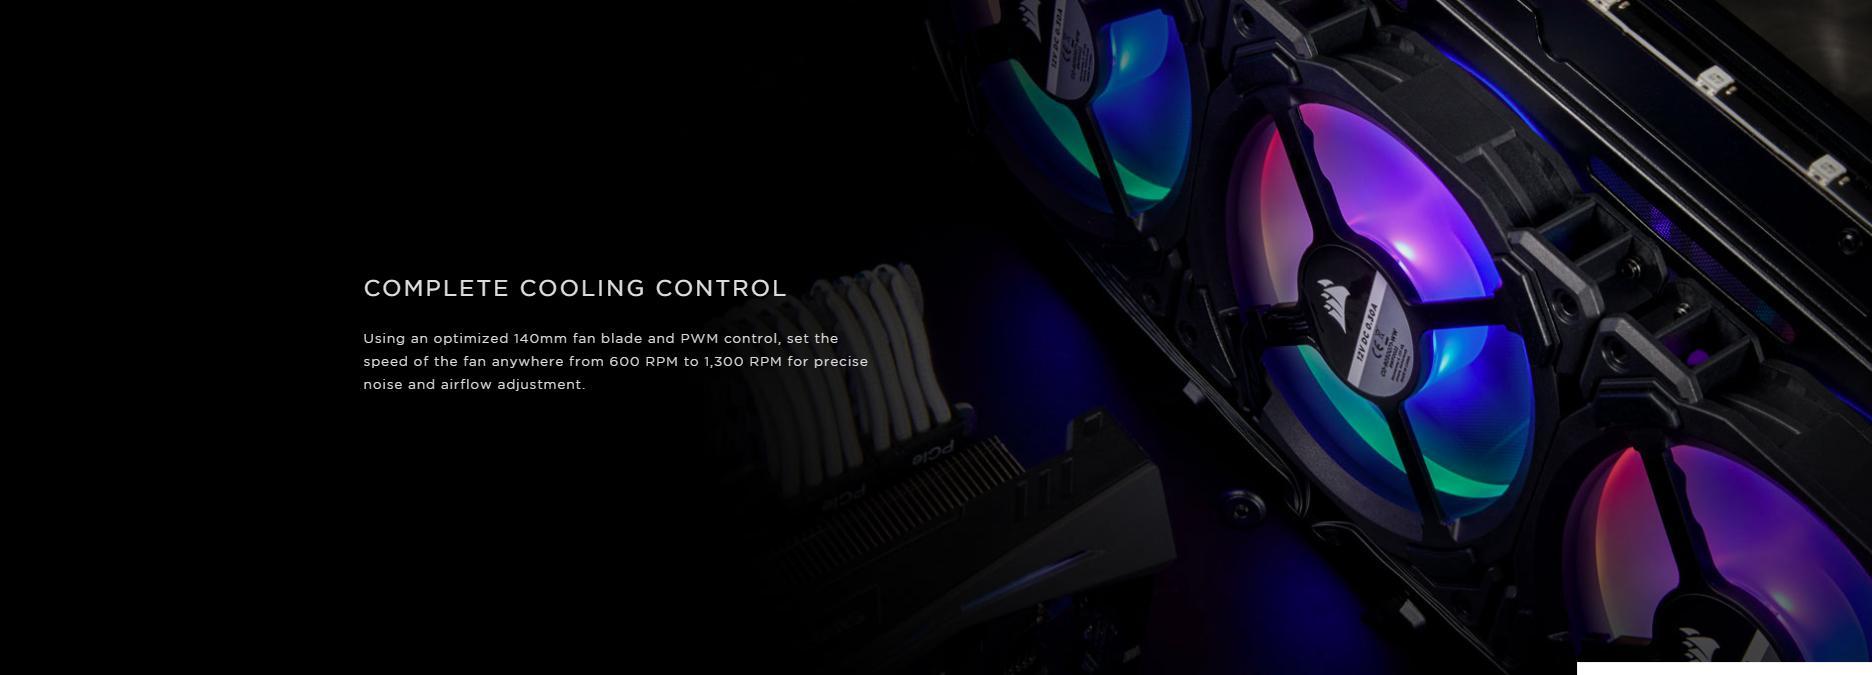 Fan Case Corsair LL140 RGB 140mm Dual Light Loop RGB LED Single Pack sử dụng cánh quạt 140mm và điều tốc PWM được tối ưu hóa, tuỳ chỉnh tốc độ của quạt ở mọi mức từ 600 RPM đến 1.300 RPM để kiểm soát tiếng ồn và luồng khí chính xác.